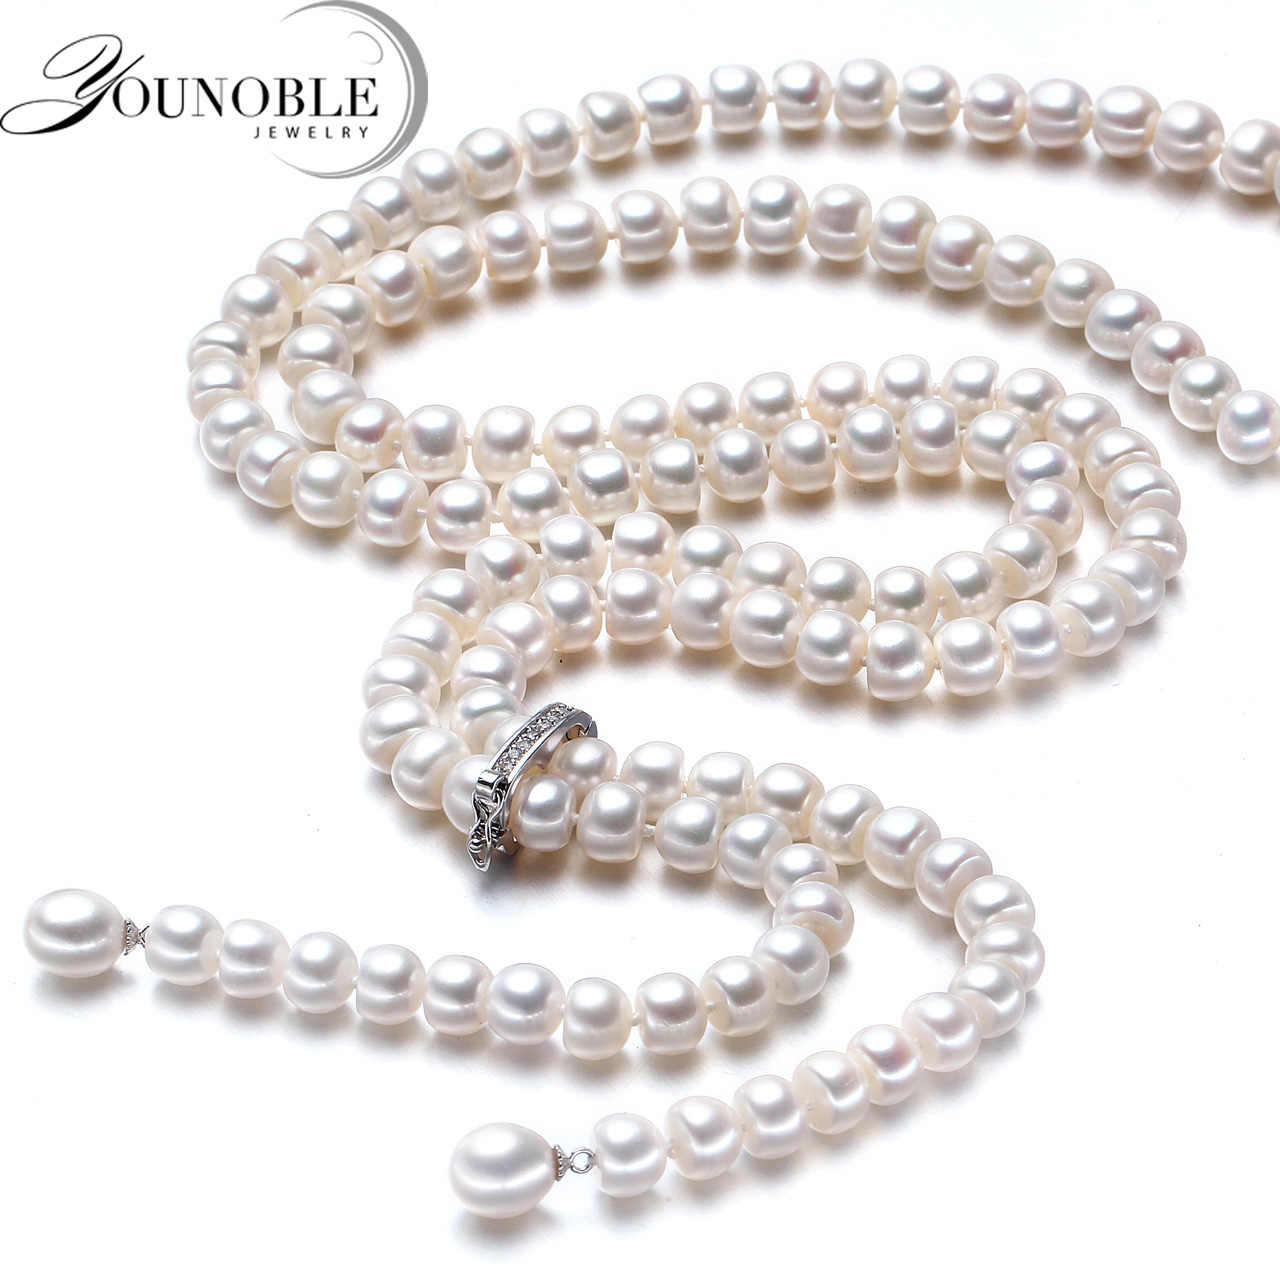 900 mét Tassel Fashion Dài Vòng Cổ Ngọc Trai Tự Nhiên Ngọc Trai Nước Ngọt 925 Sterling Bạc Trang Sức Cho Phụ Nữ Statement Necklace Quà Tặng